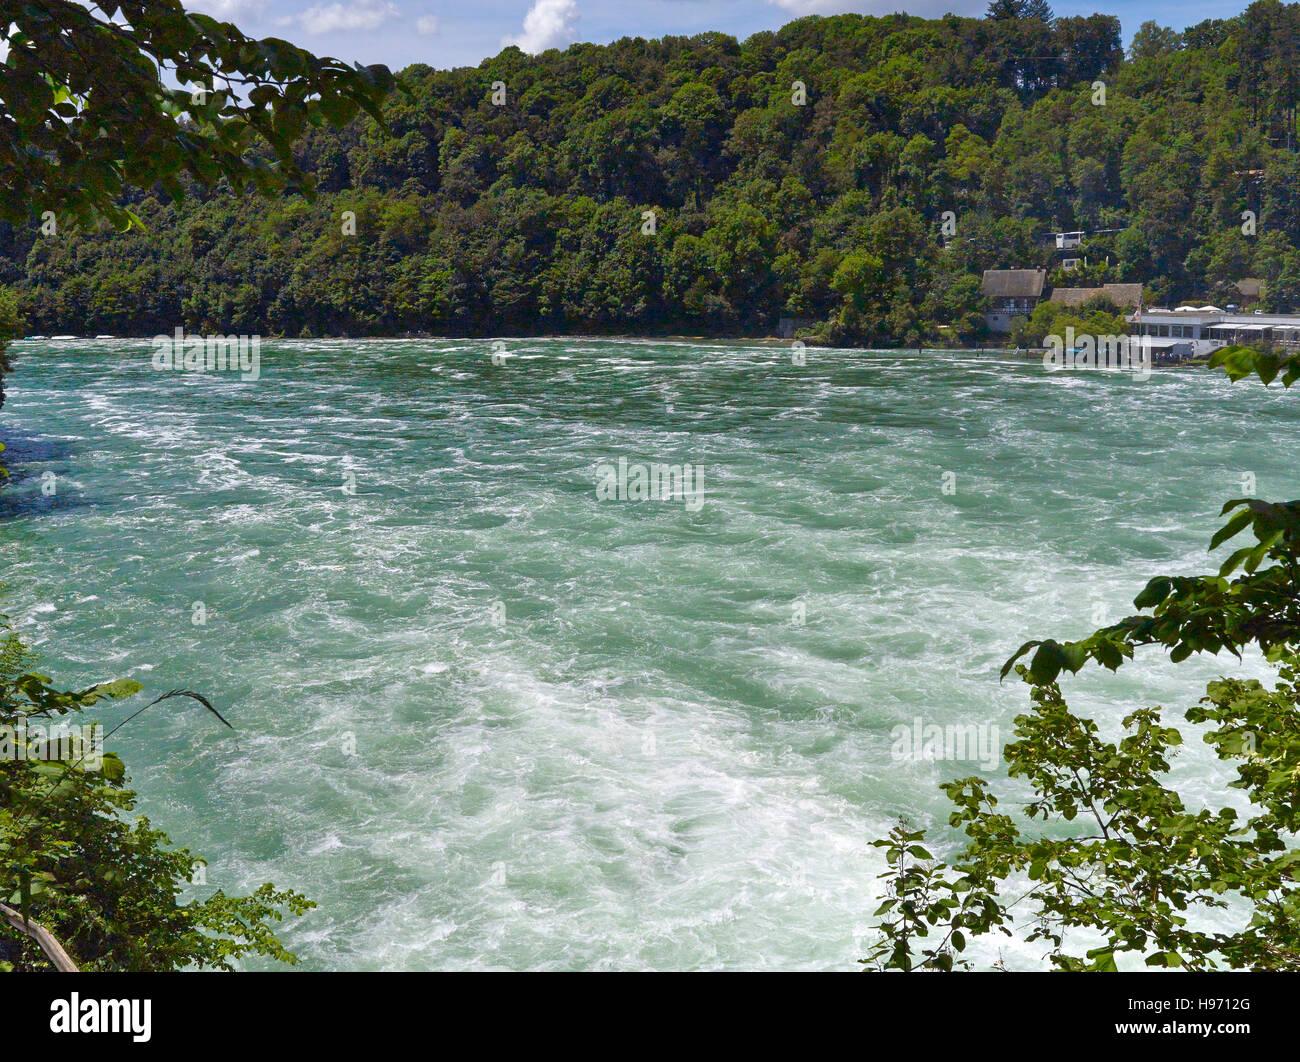 Rein waterfall in Switzerland, Schaffhausen - stormy waves - Stock Image